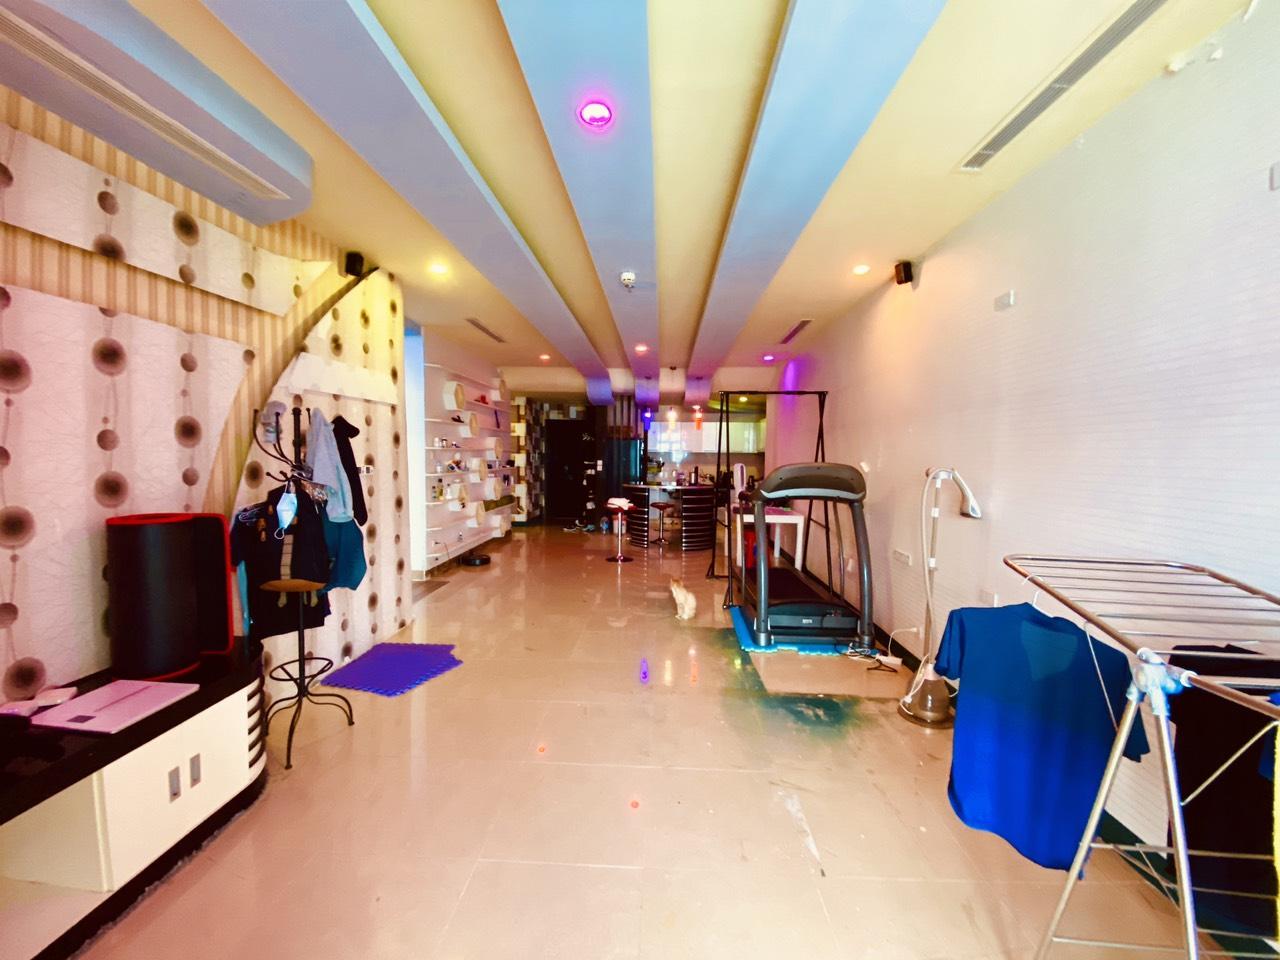 Bán cắt lỗ căn hộ R1 Royal City, căn 145m2 3 phòng ngủ ban công Đông Nam. Giá 4.5 tỷ